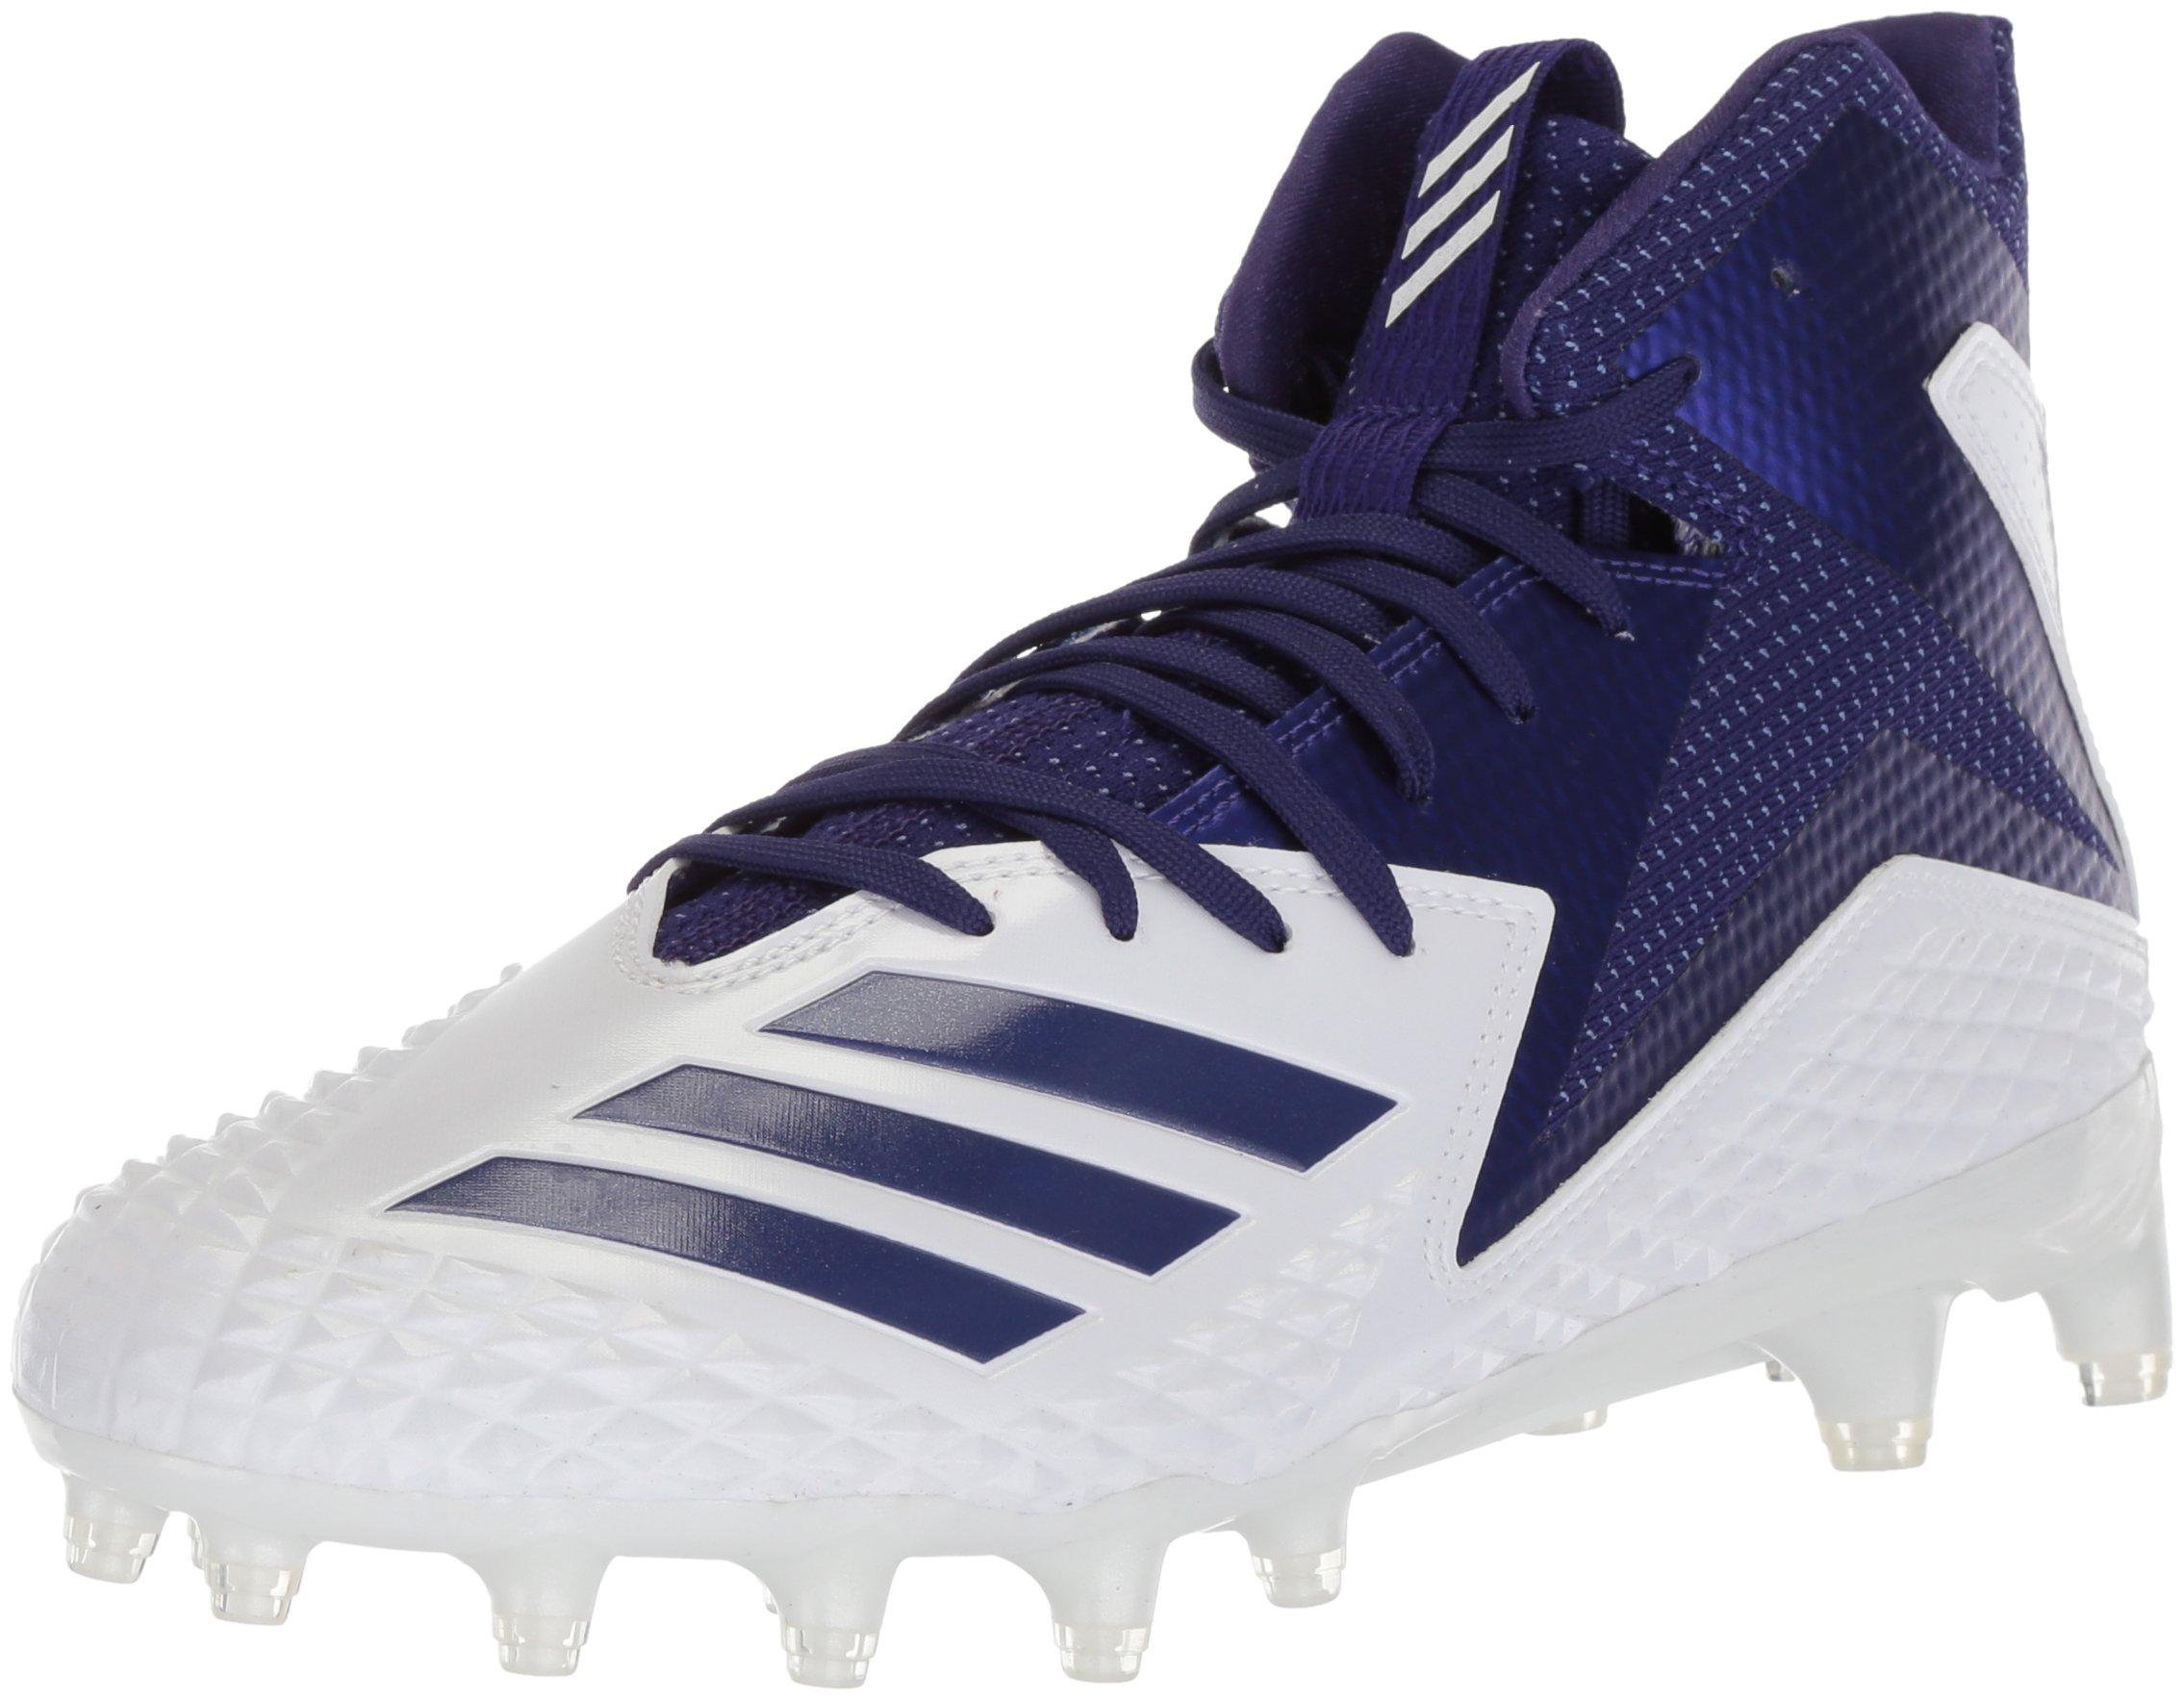 adidas Men's Freak X Carbon Mid Football Shoe, White/Collegiate Purple/Collegiate Purple, 10.5 M US